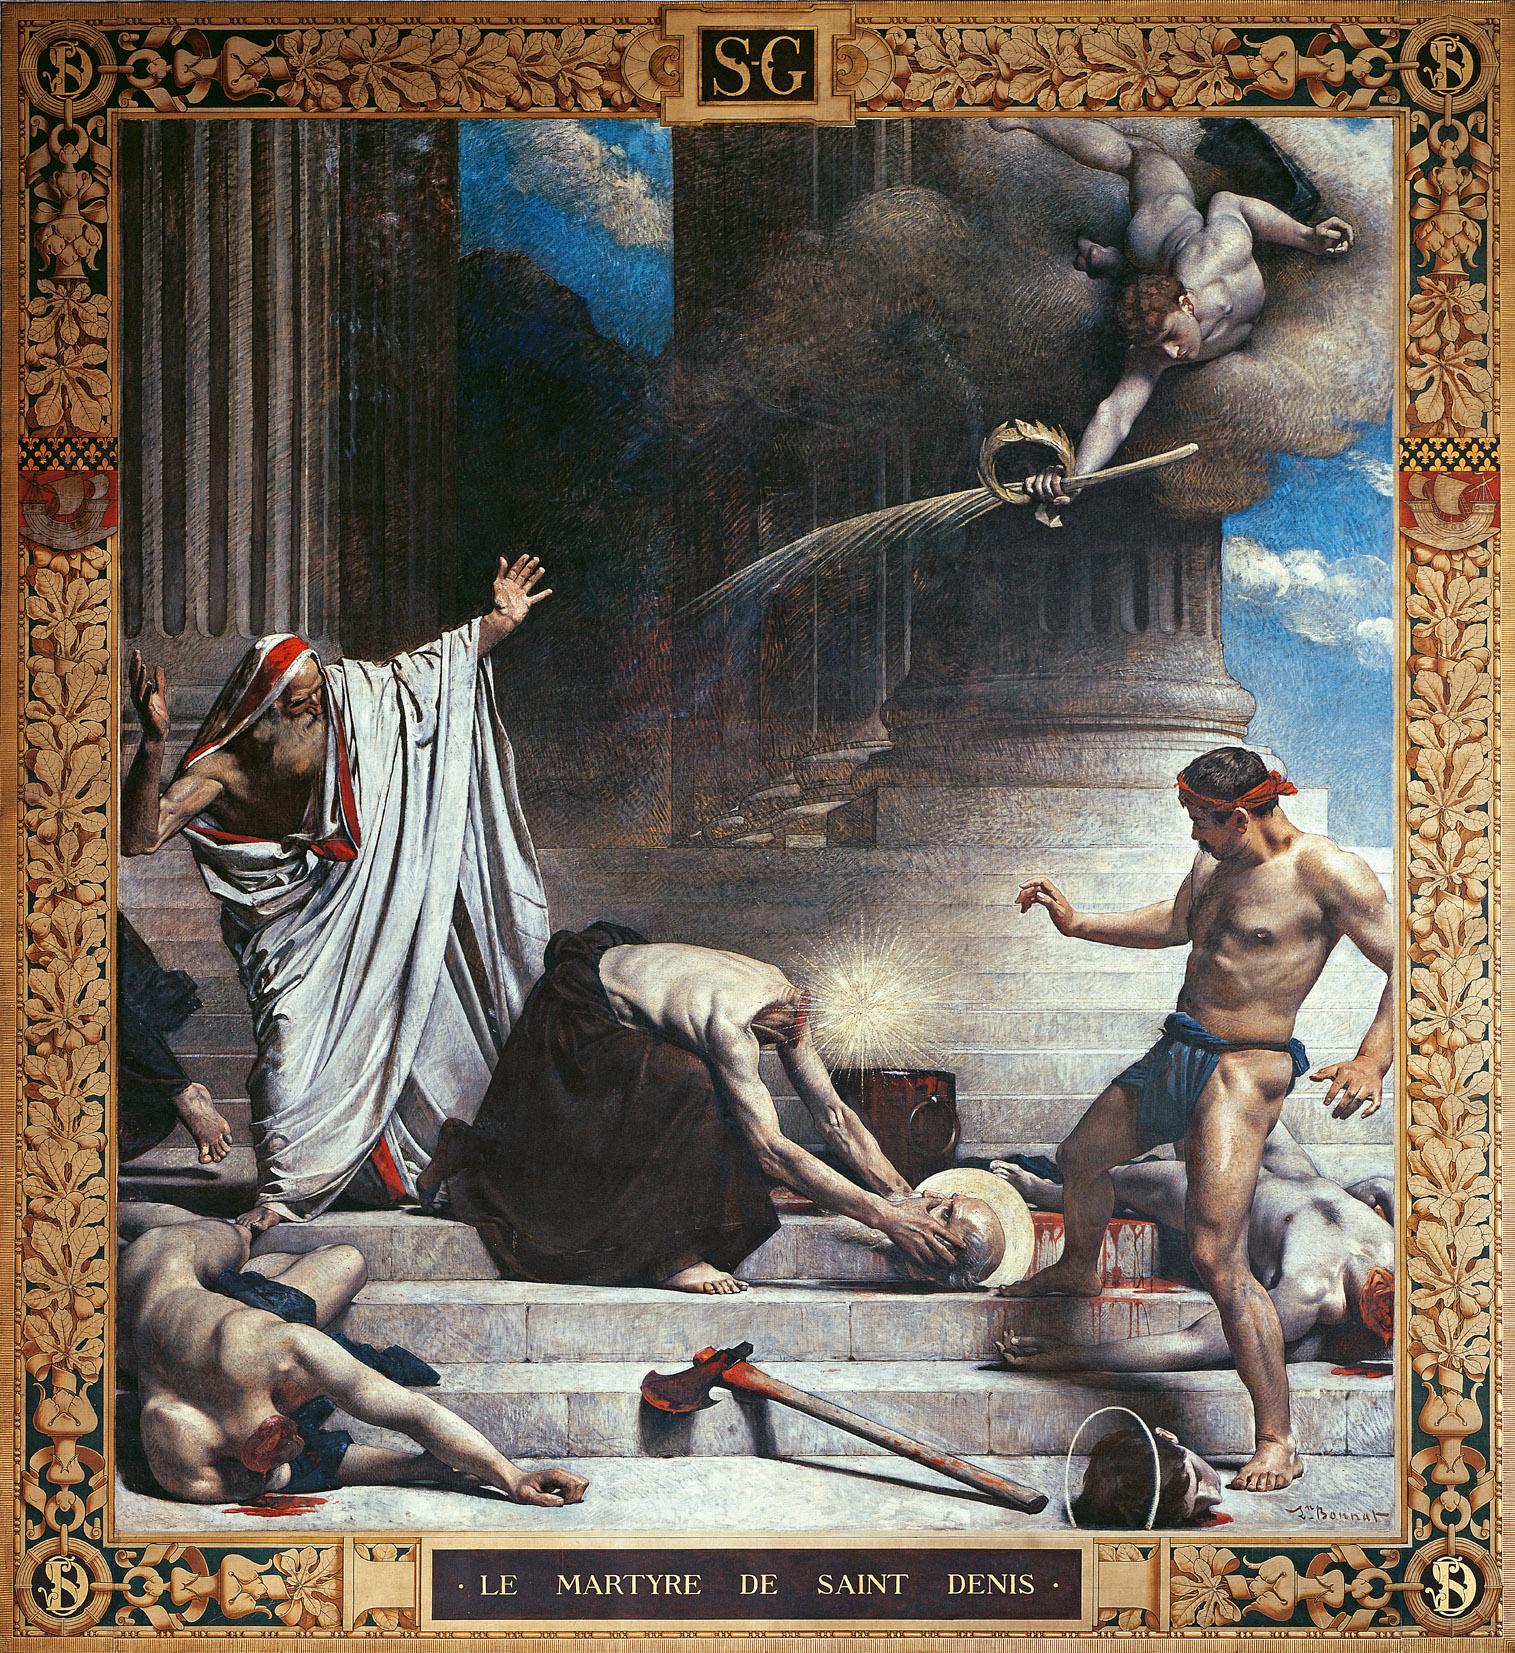 The Martyrdom of St. Denis, by Léon-Joseph-Florentin Bonnat, c. 1885.